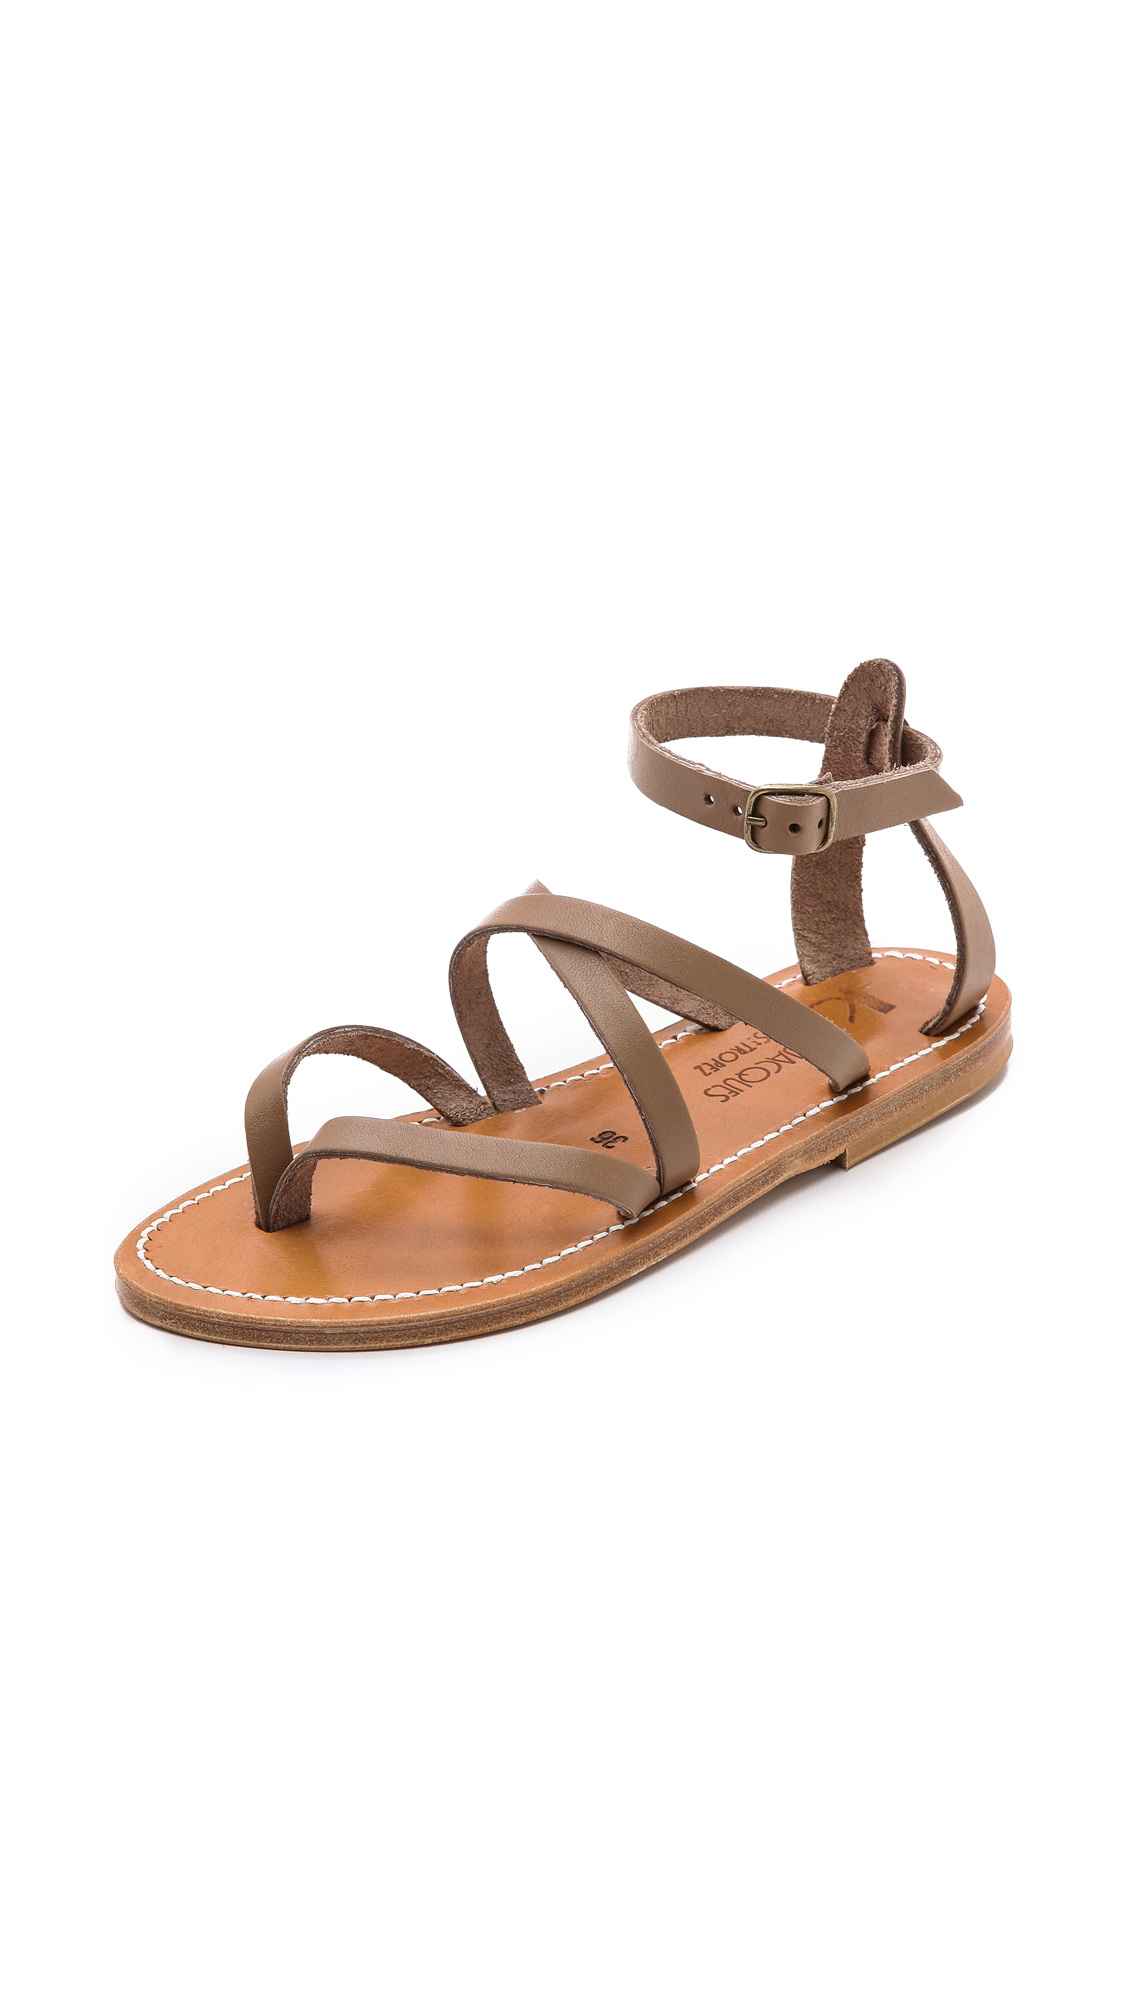 Crisscross SandalsShopbop Epicure KJacques Epicure KJacques wPiTXOukZ